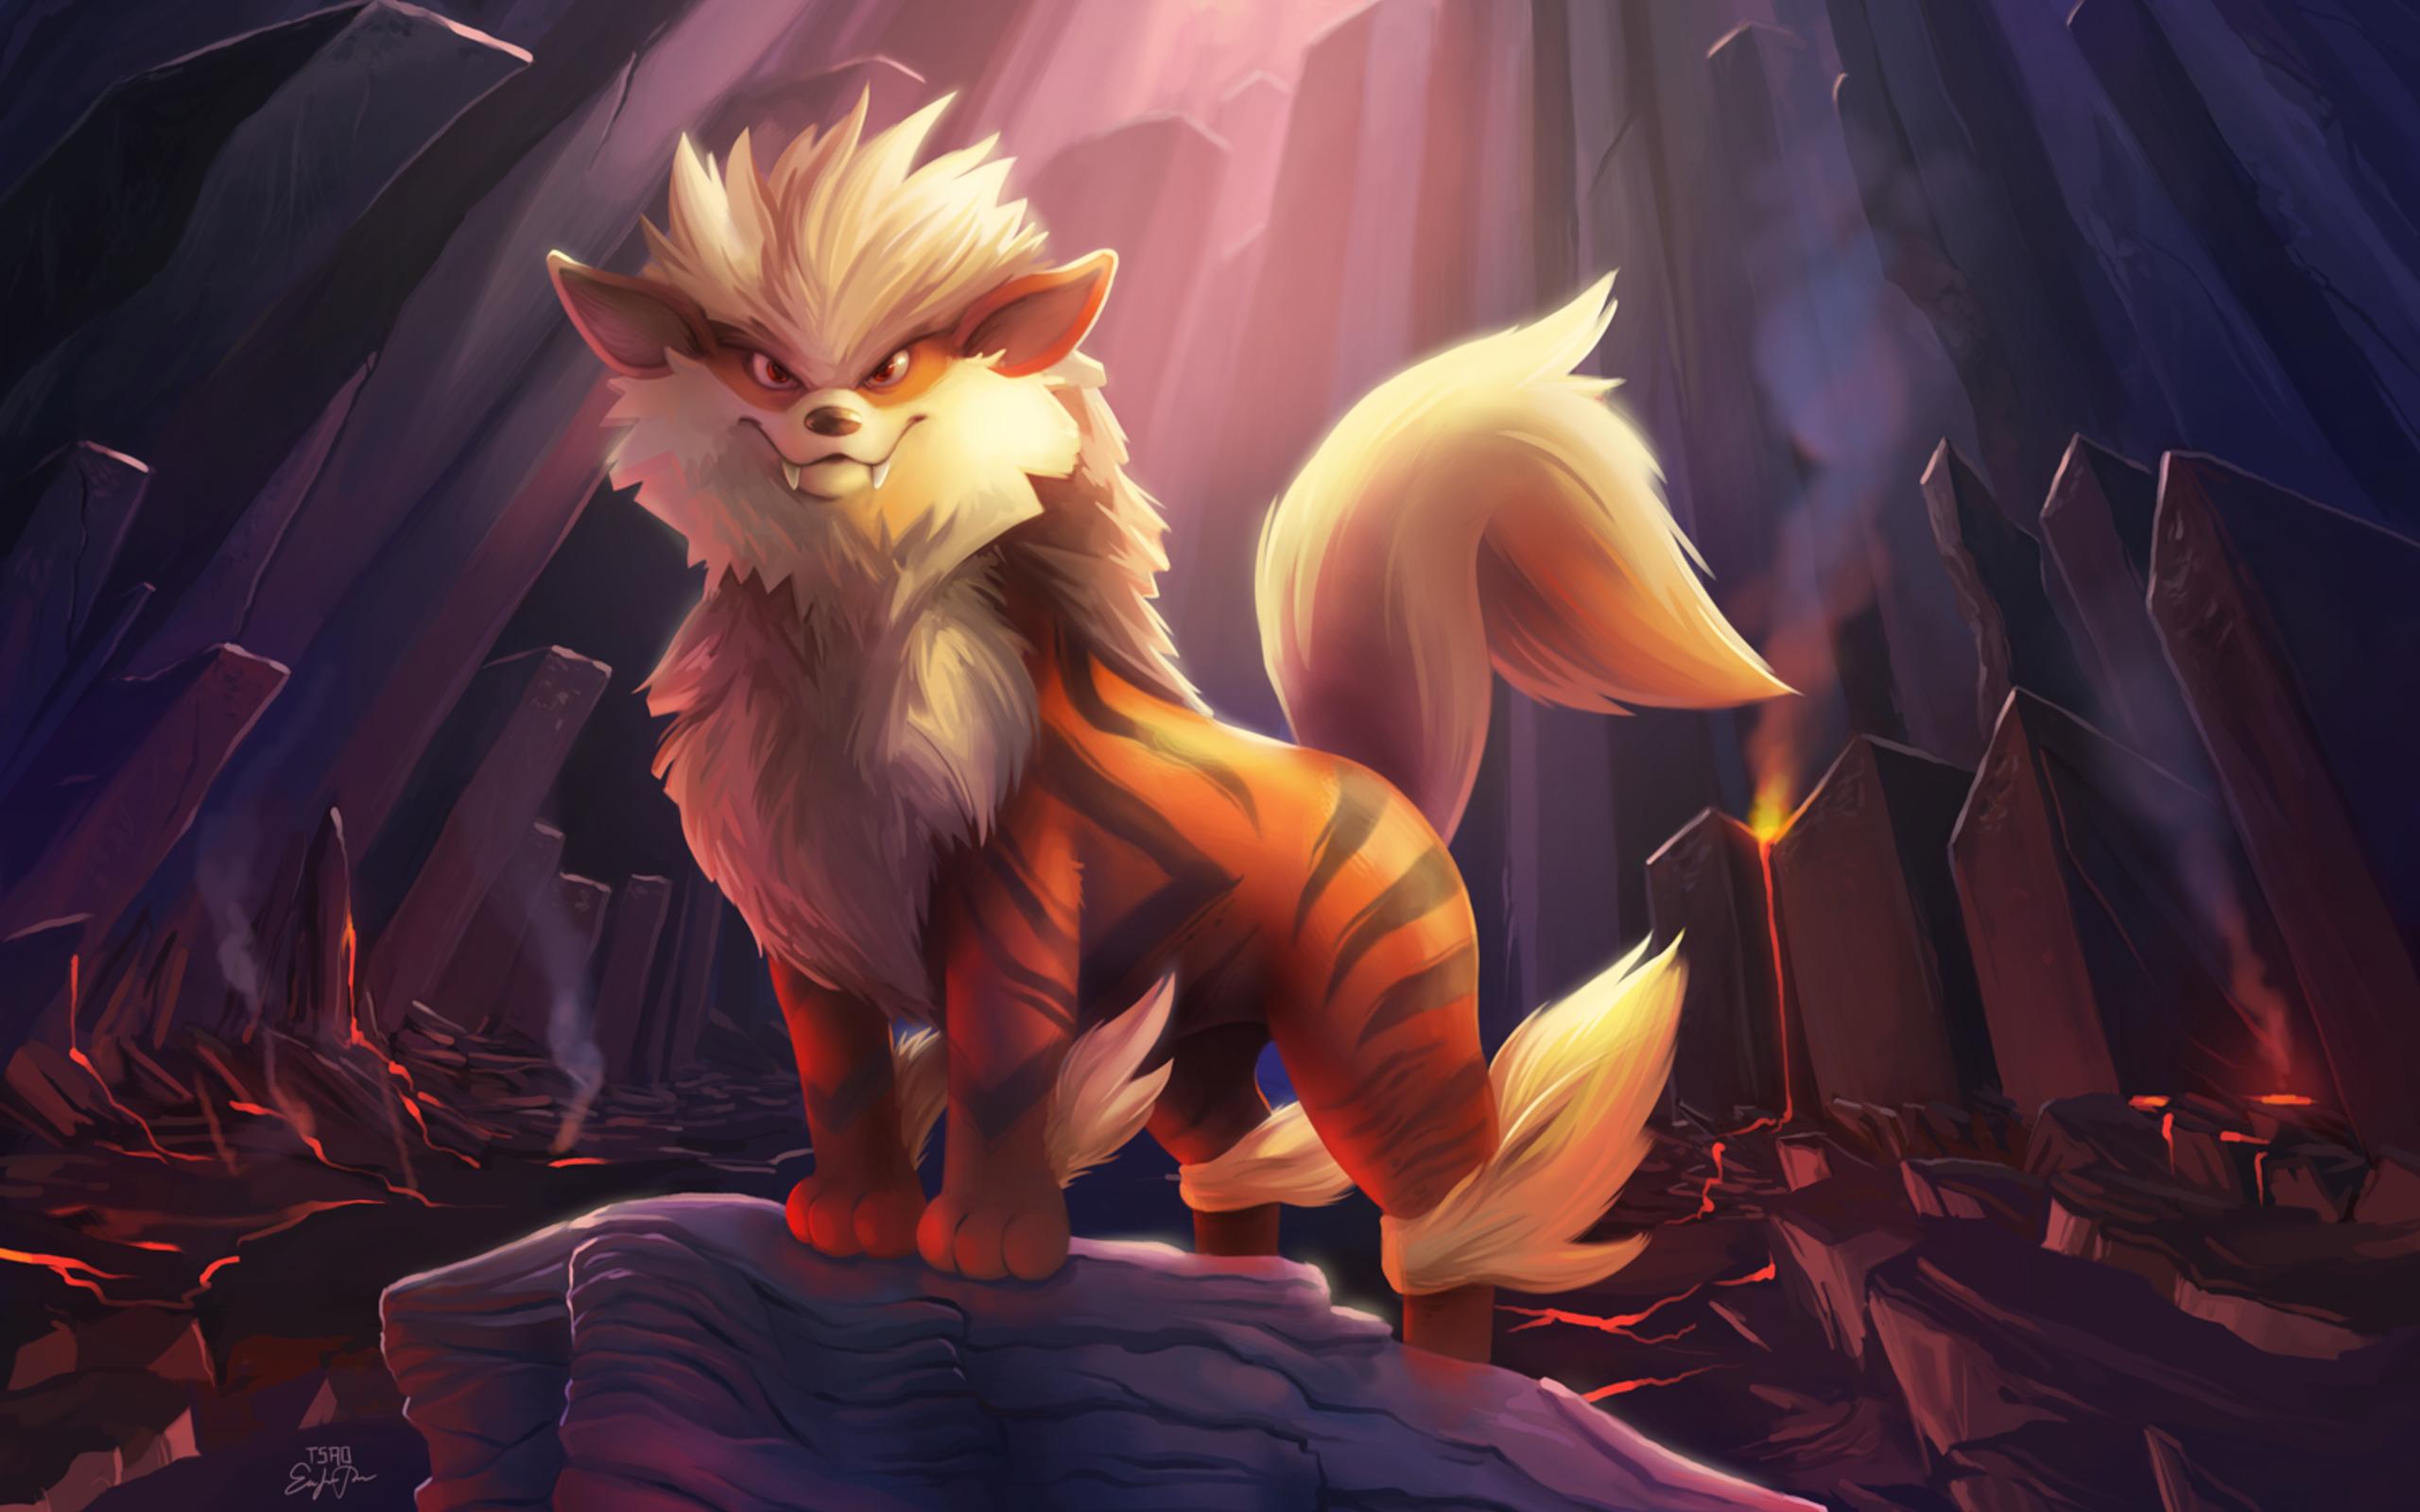 arcanine-pokemon-image.jpg